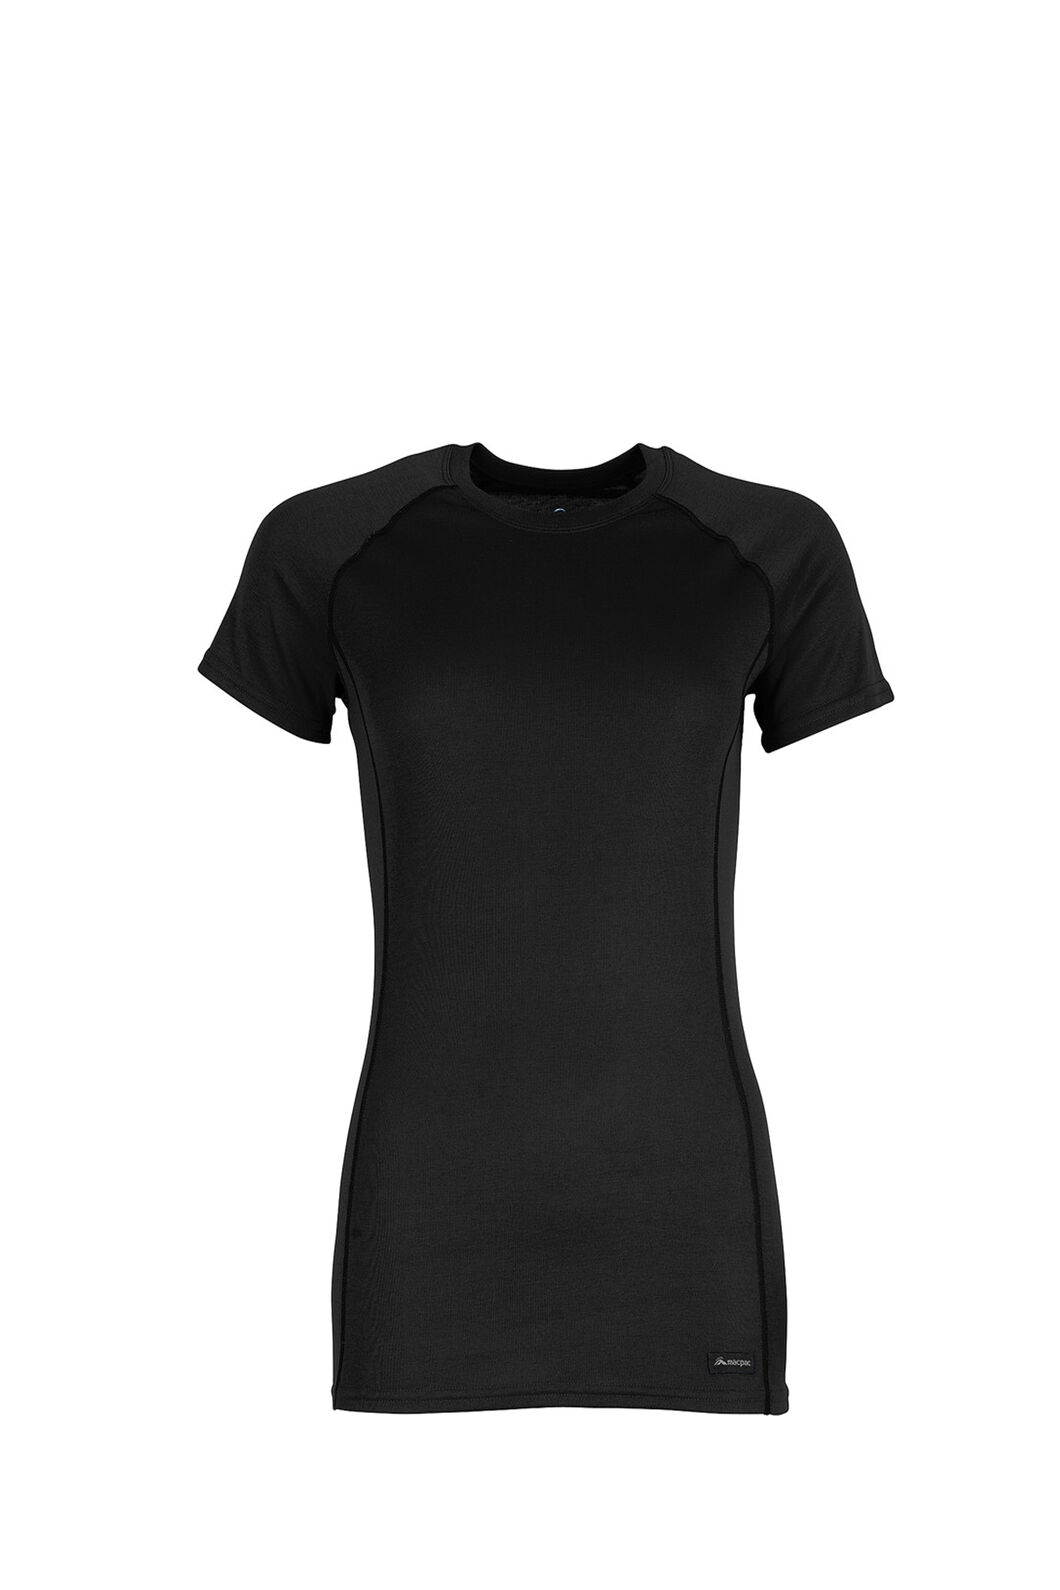 Macpac Geothermal Short Sleeve Top - Women's, Black, hi-res